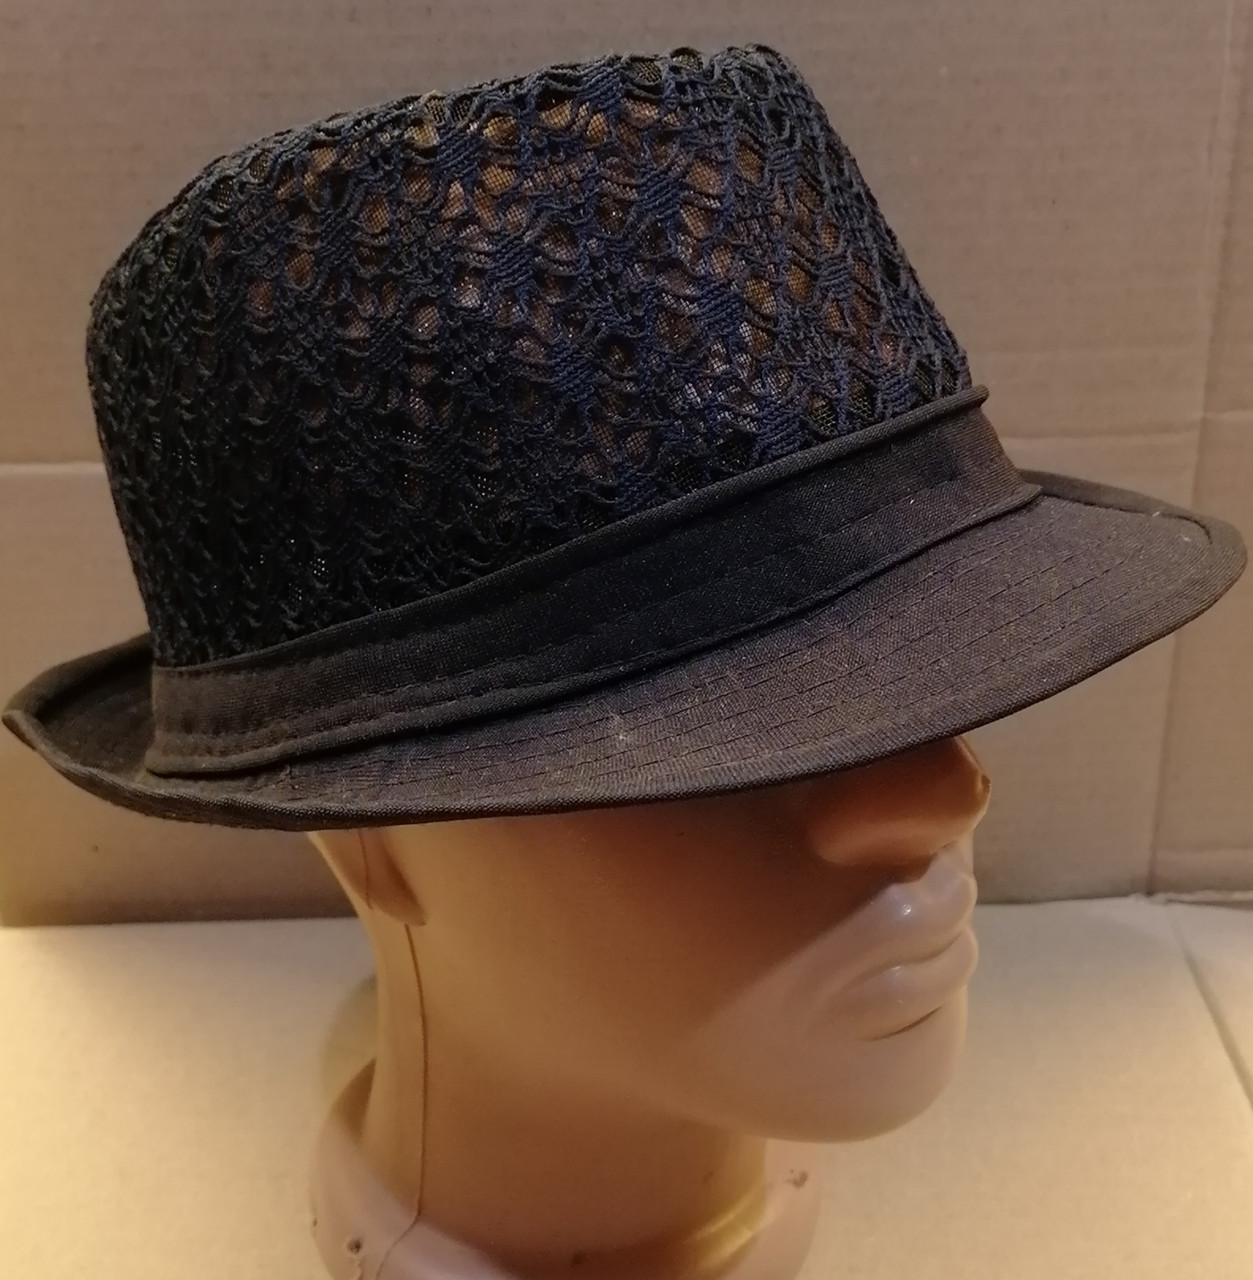 Челентанки шляпы р58